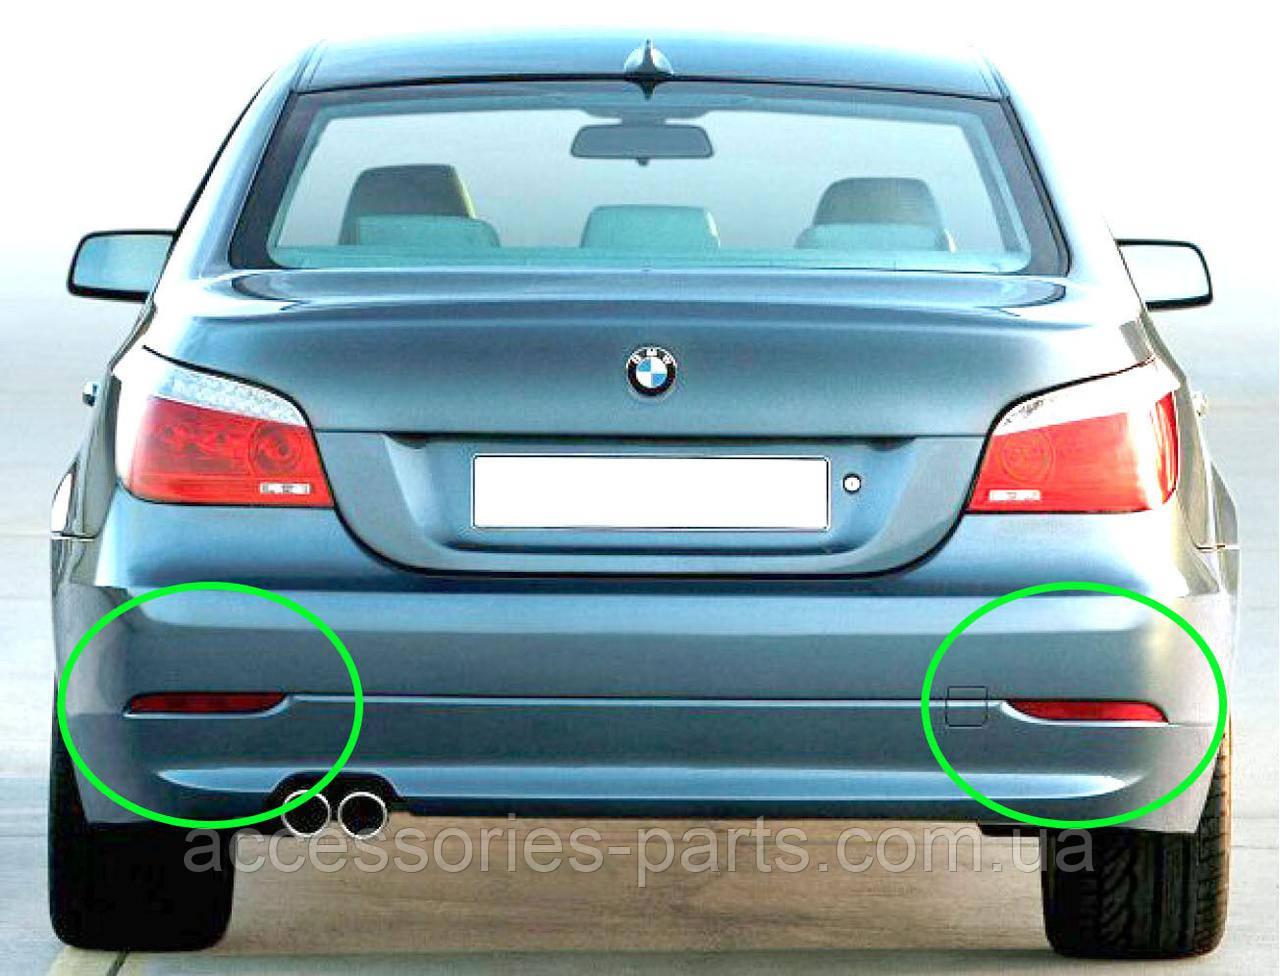 Отражатель (катафот) Левый Правый на заднем бампере BMW E60 Новый Оригинальный - фото 1